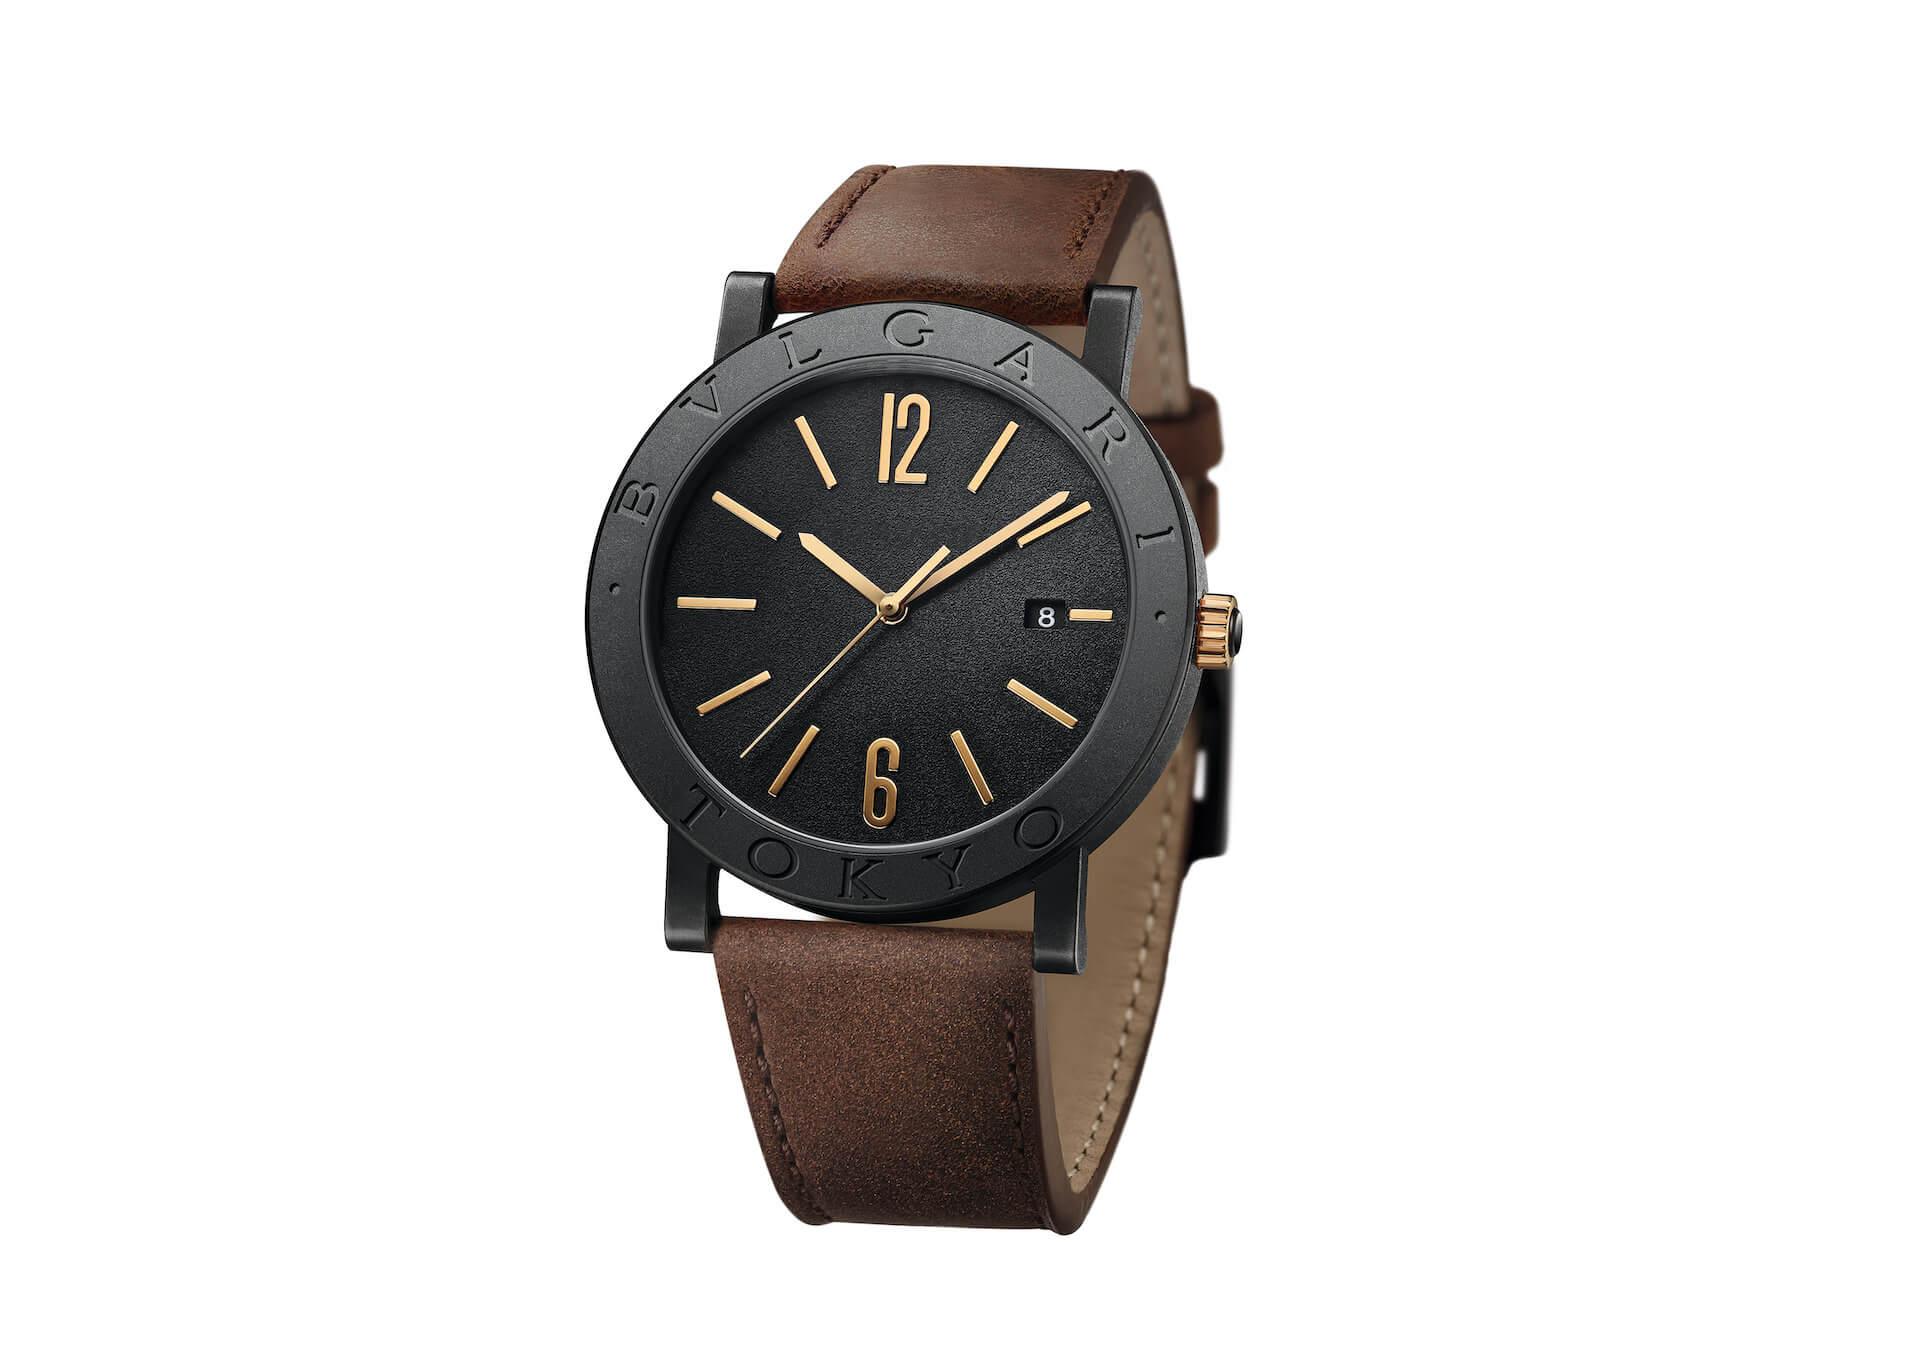 BVLGARIから腕時計「シティーズ限定モデル 2020」よりTOKYOモデルが先行発売決定!アートプリントが付属 lf200702_bvlgari_tokyowatch_01